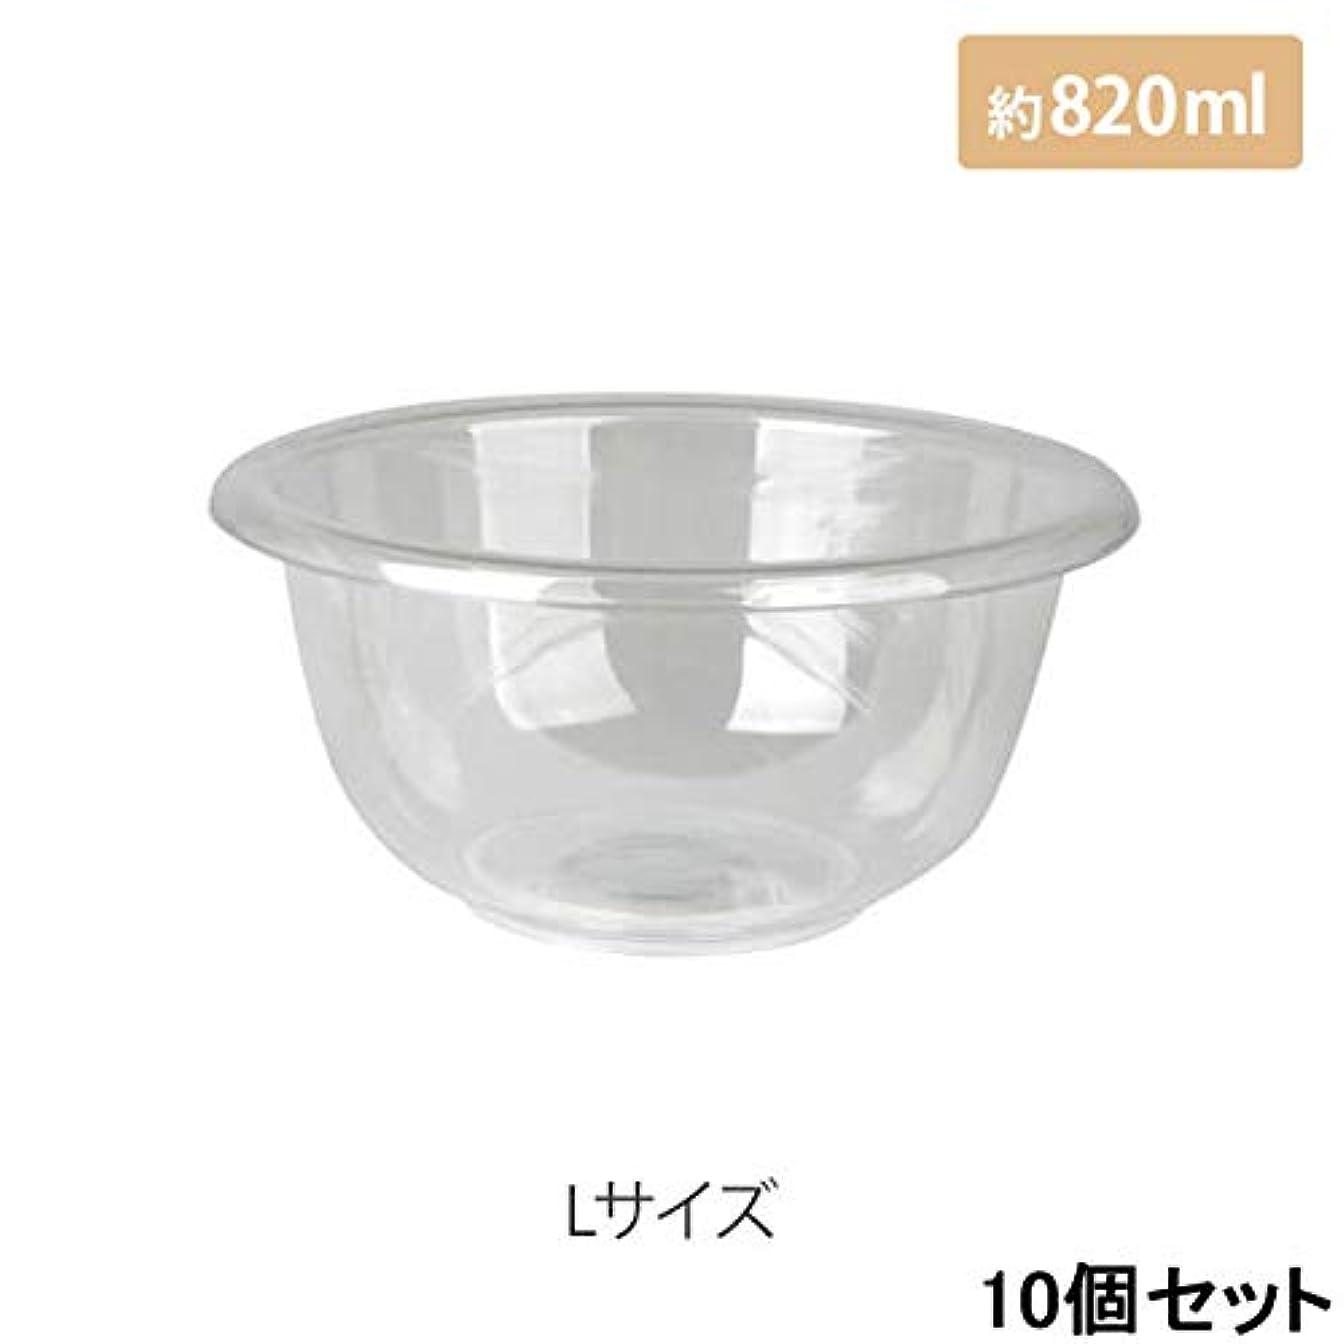 マイスター プラスティックボウル (Lサイズ) クリア 直径19.5cm (10個セット) [ プラスチックボール カップボウル カップボール エステ サロン プラスチック ボウル カップ 割れない ]